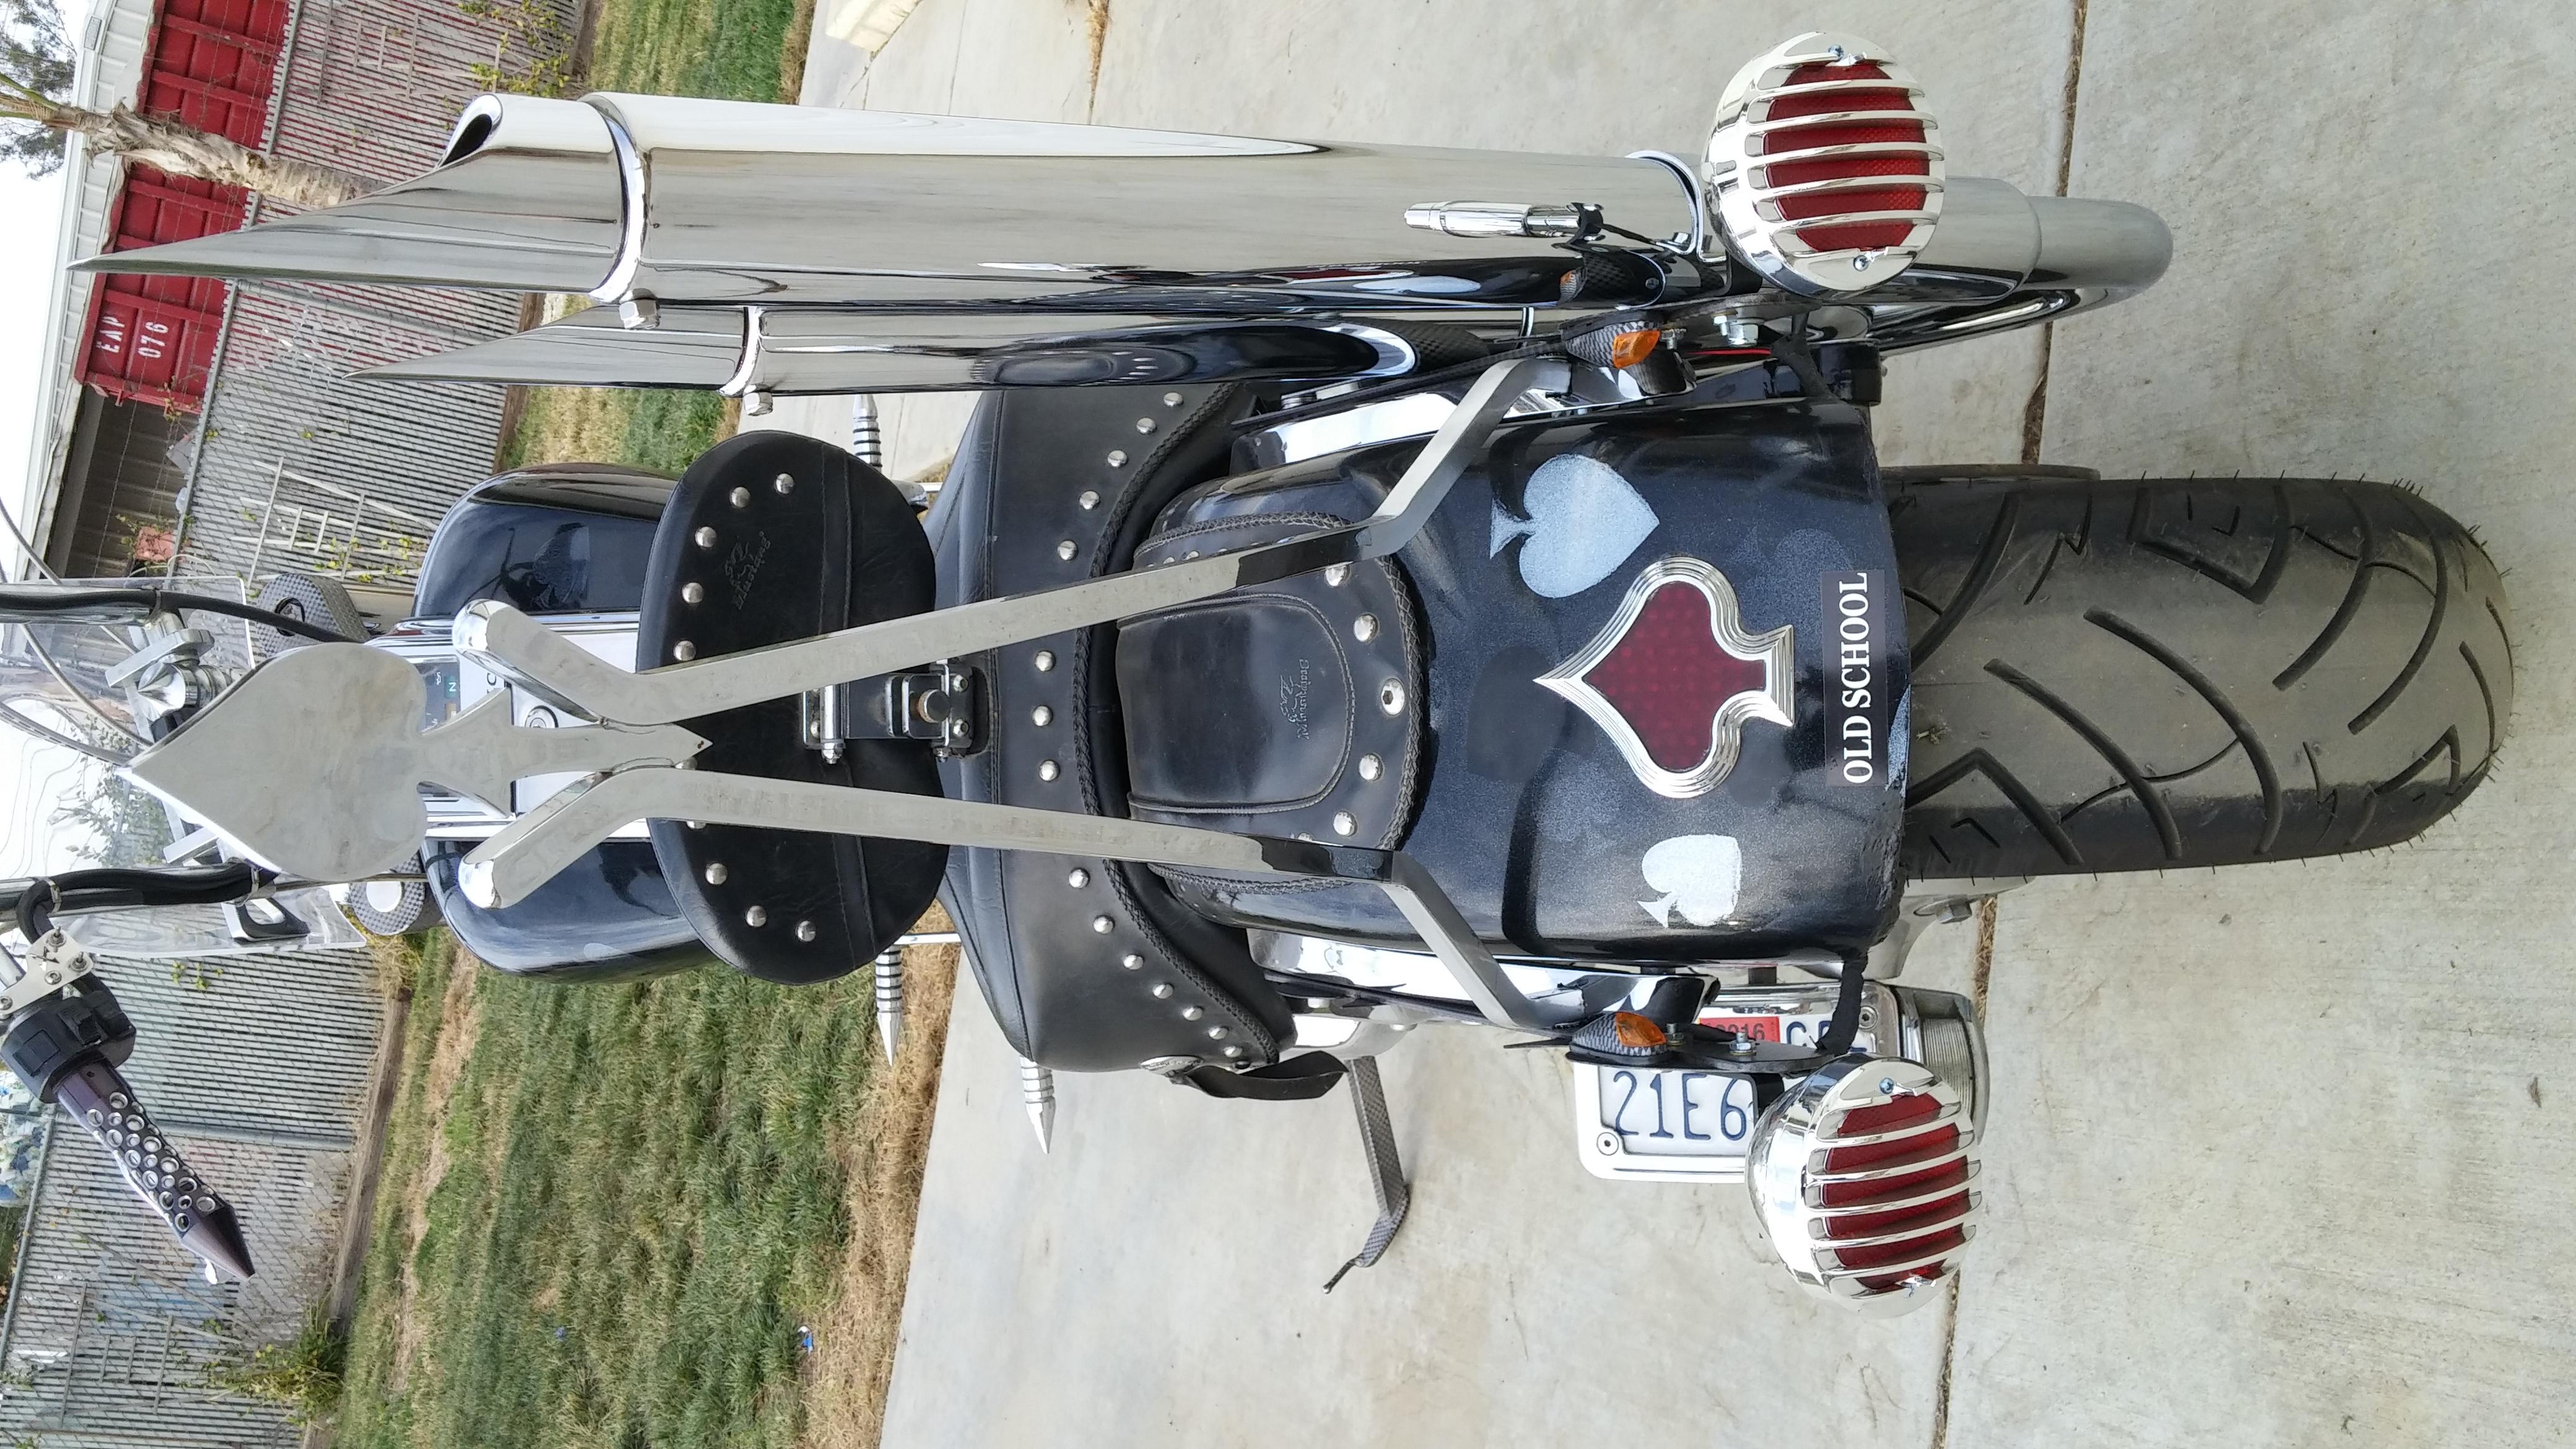 Suzuki chopper-0305161626a.jpg